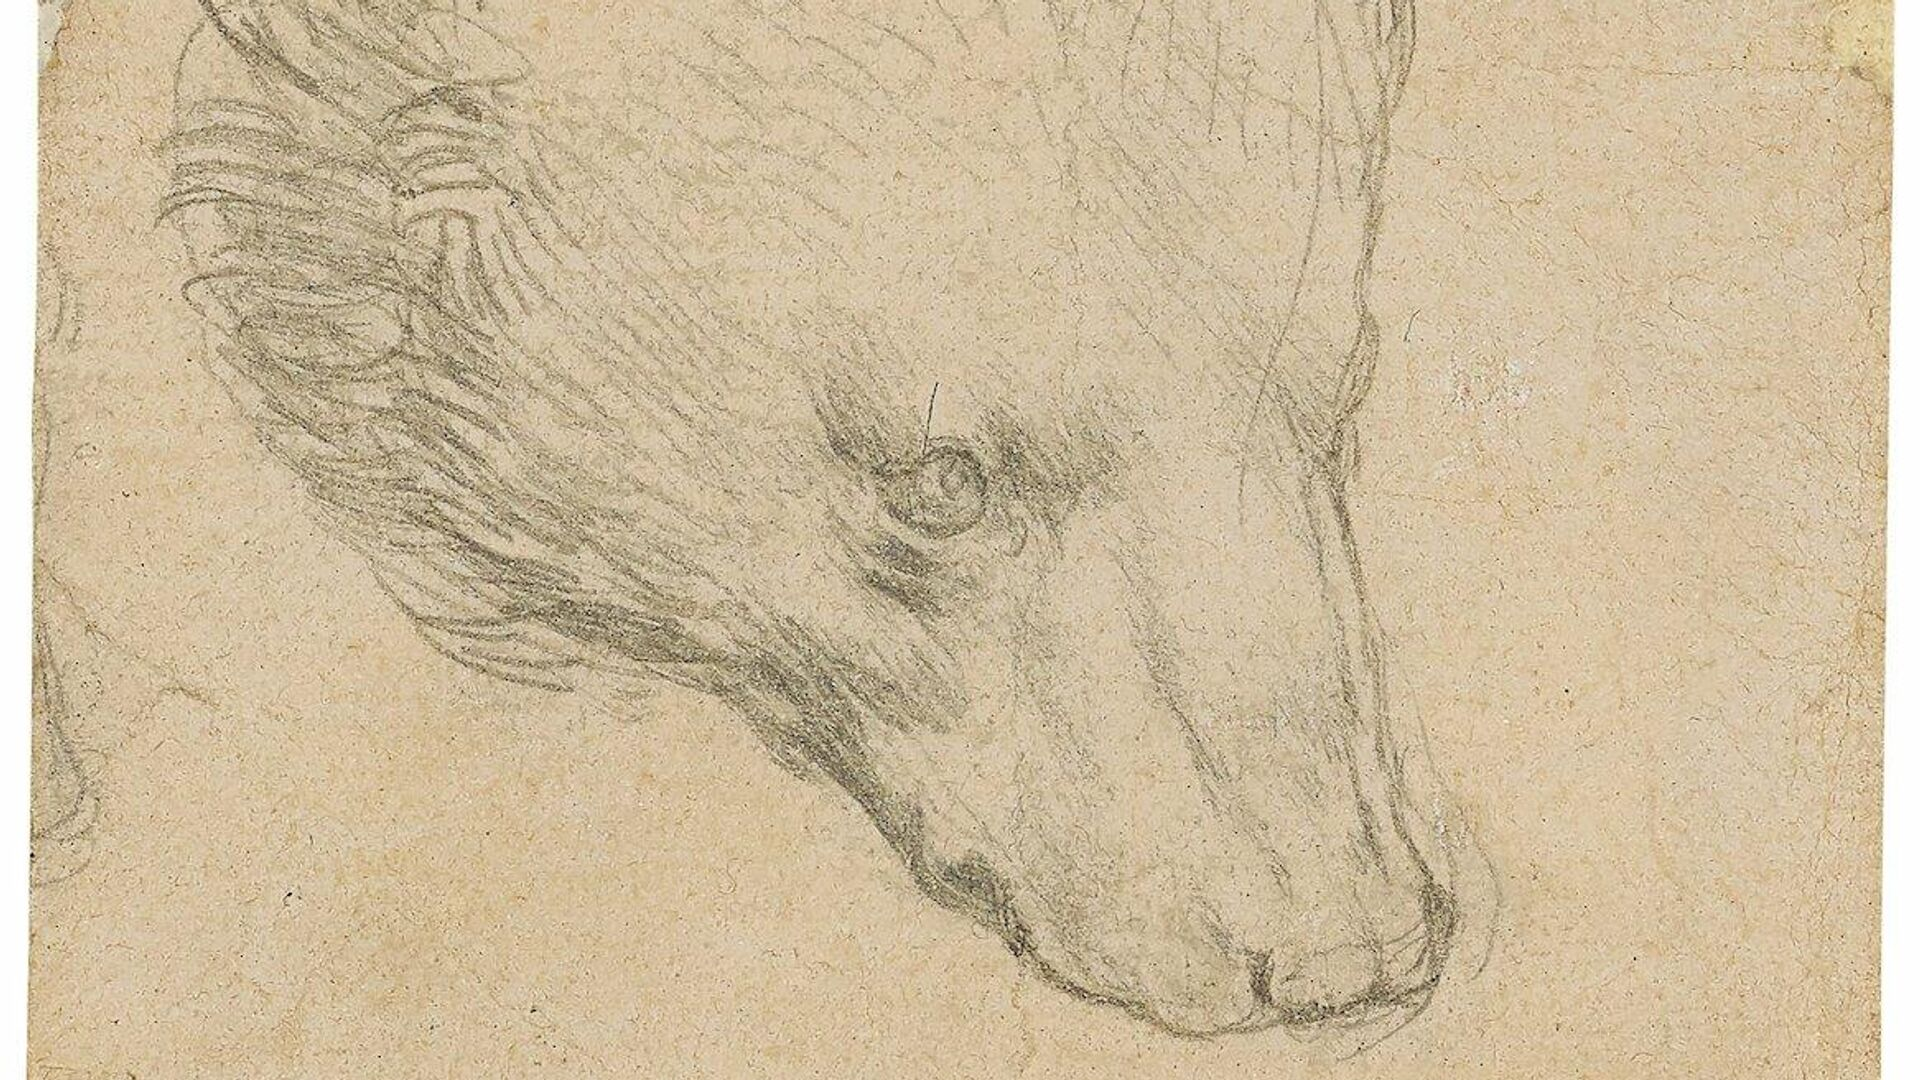 Набросок головы медведя, выполненный итальянским художником Леонардо да Винчи - РИА Новости, 1920, 09.07.2021